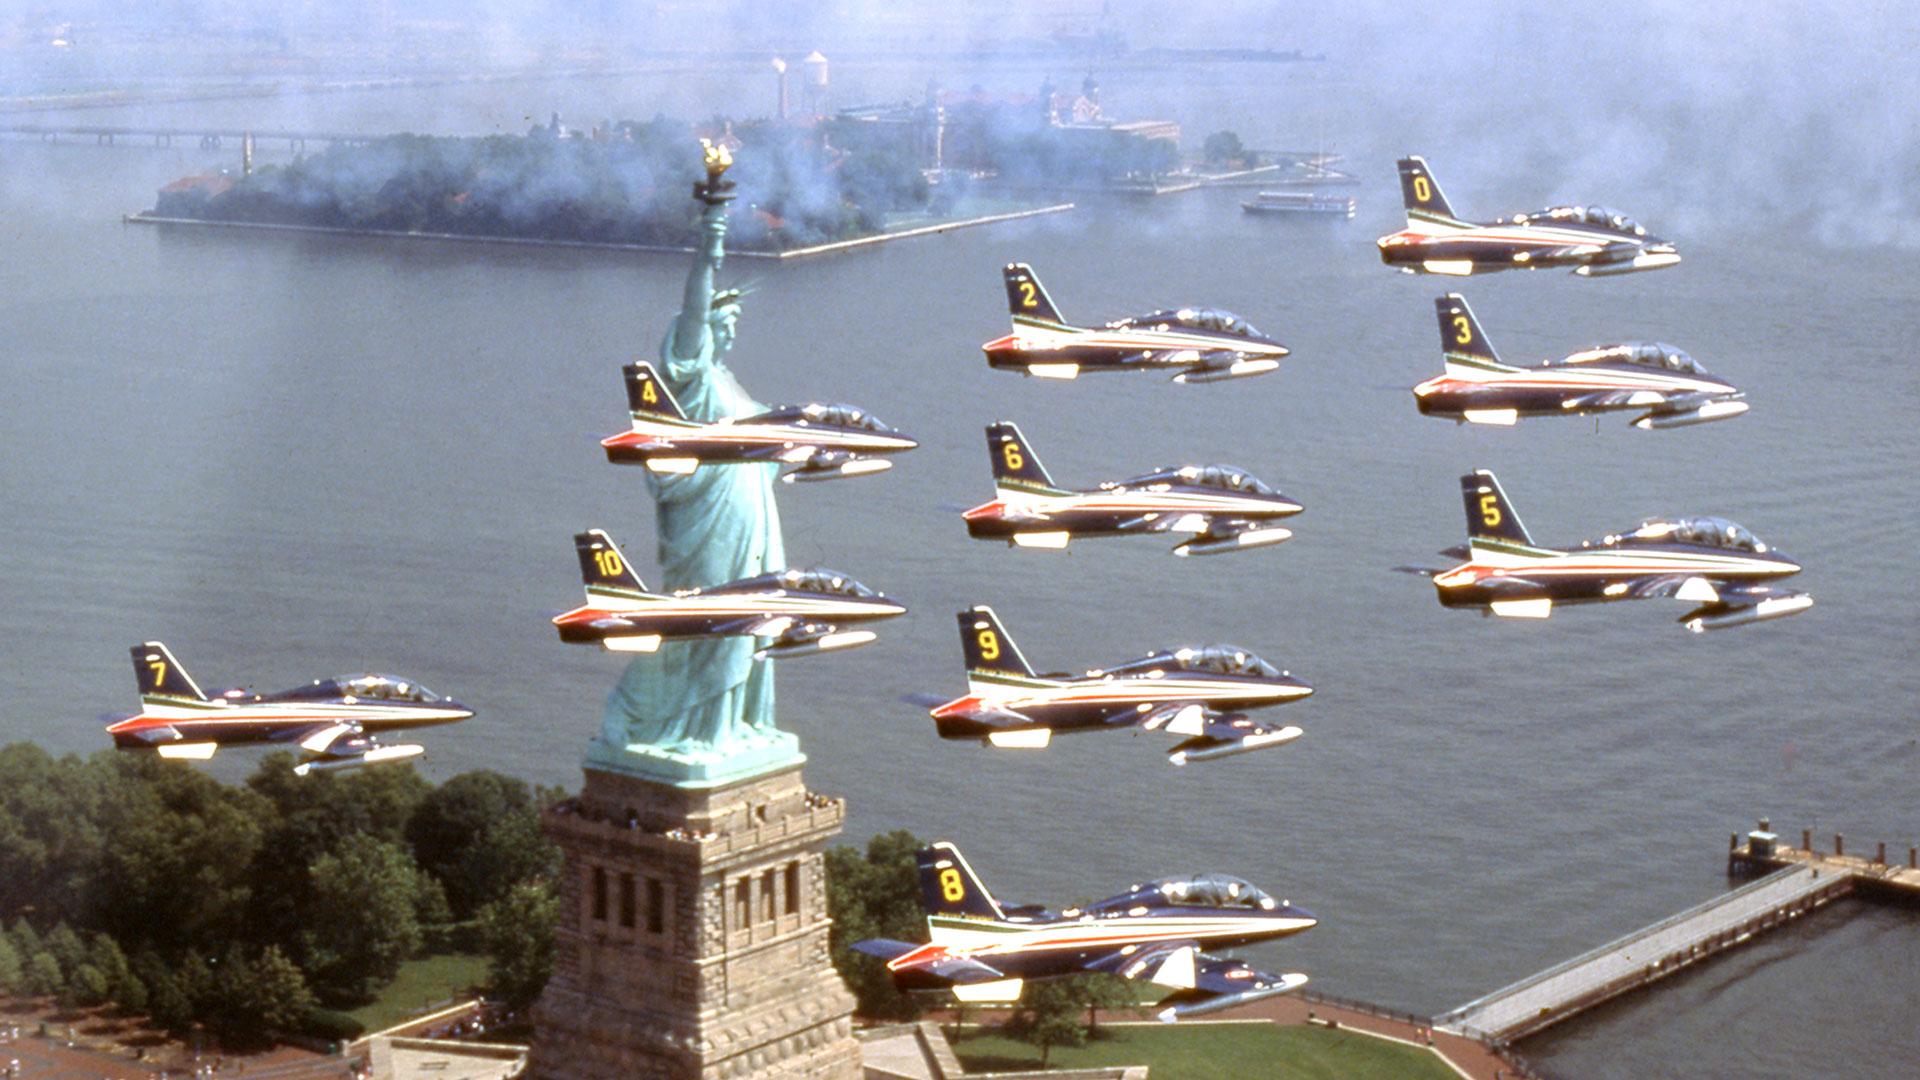 frecce-tricolori-60-anni-pan-pattuglia-acrobatica-nazionale-aeronautica-militare-(64)